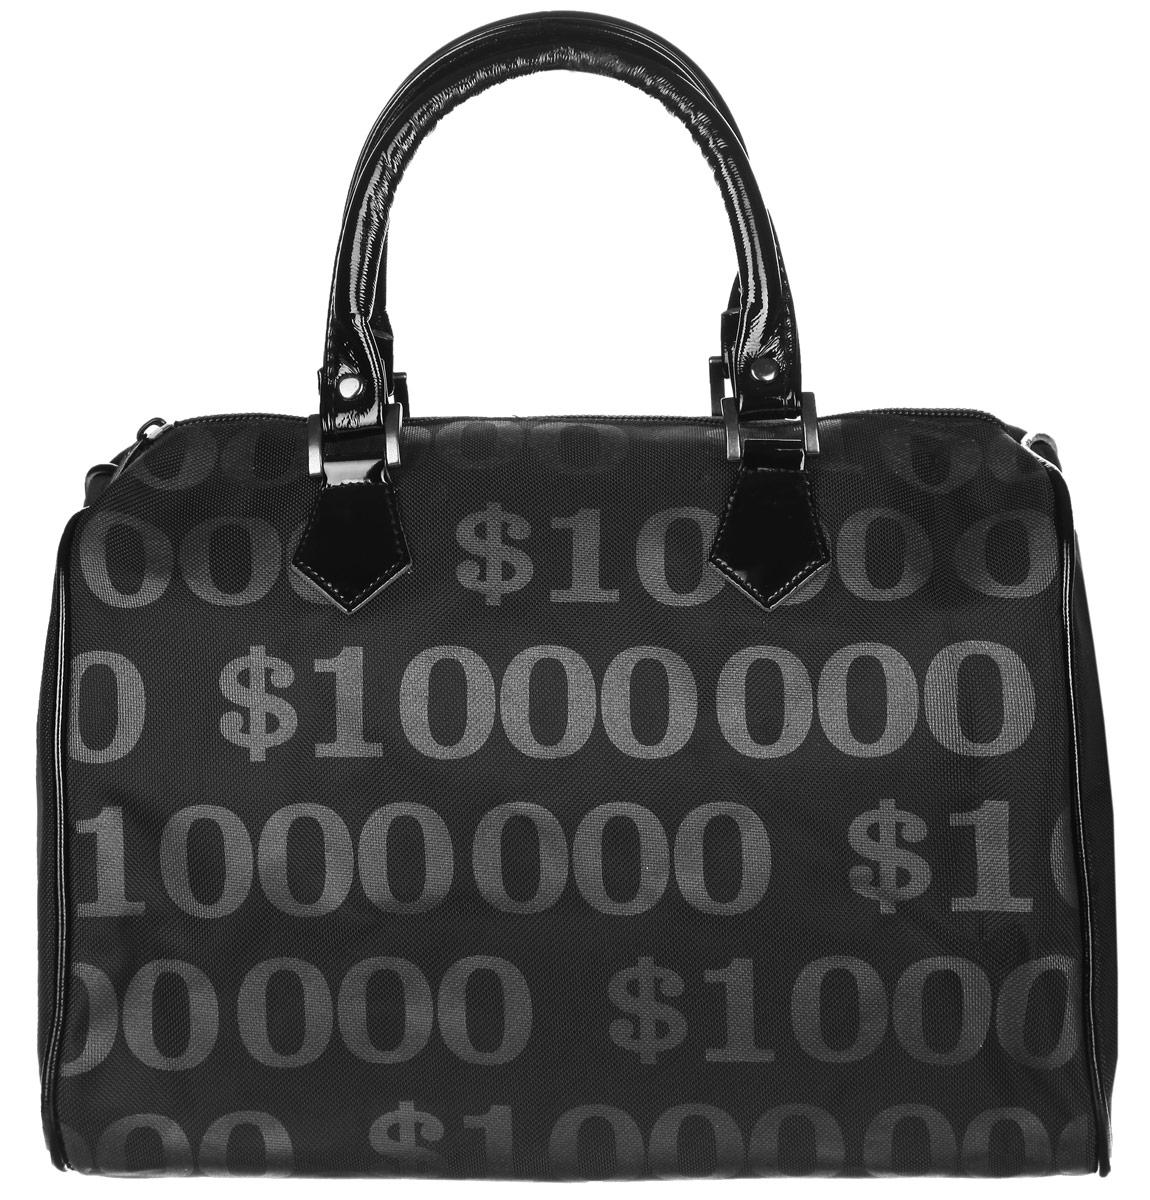 d8632d843099 Сумка женская Antan Миллион, цвет: черный. 1-148 — купить в  интернет-магазине OZON.ru с быстрой доставкой